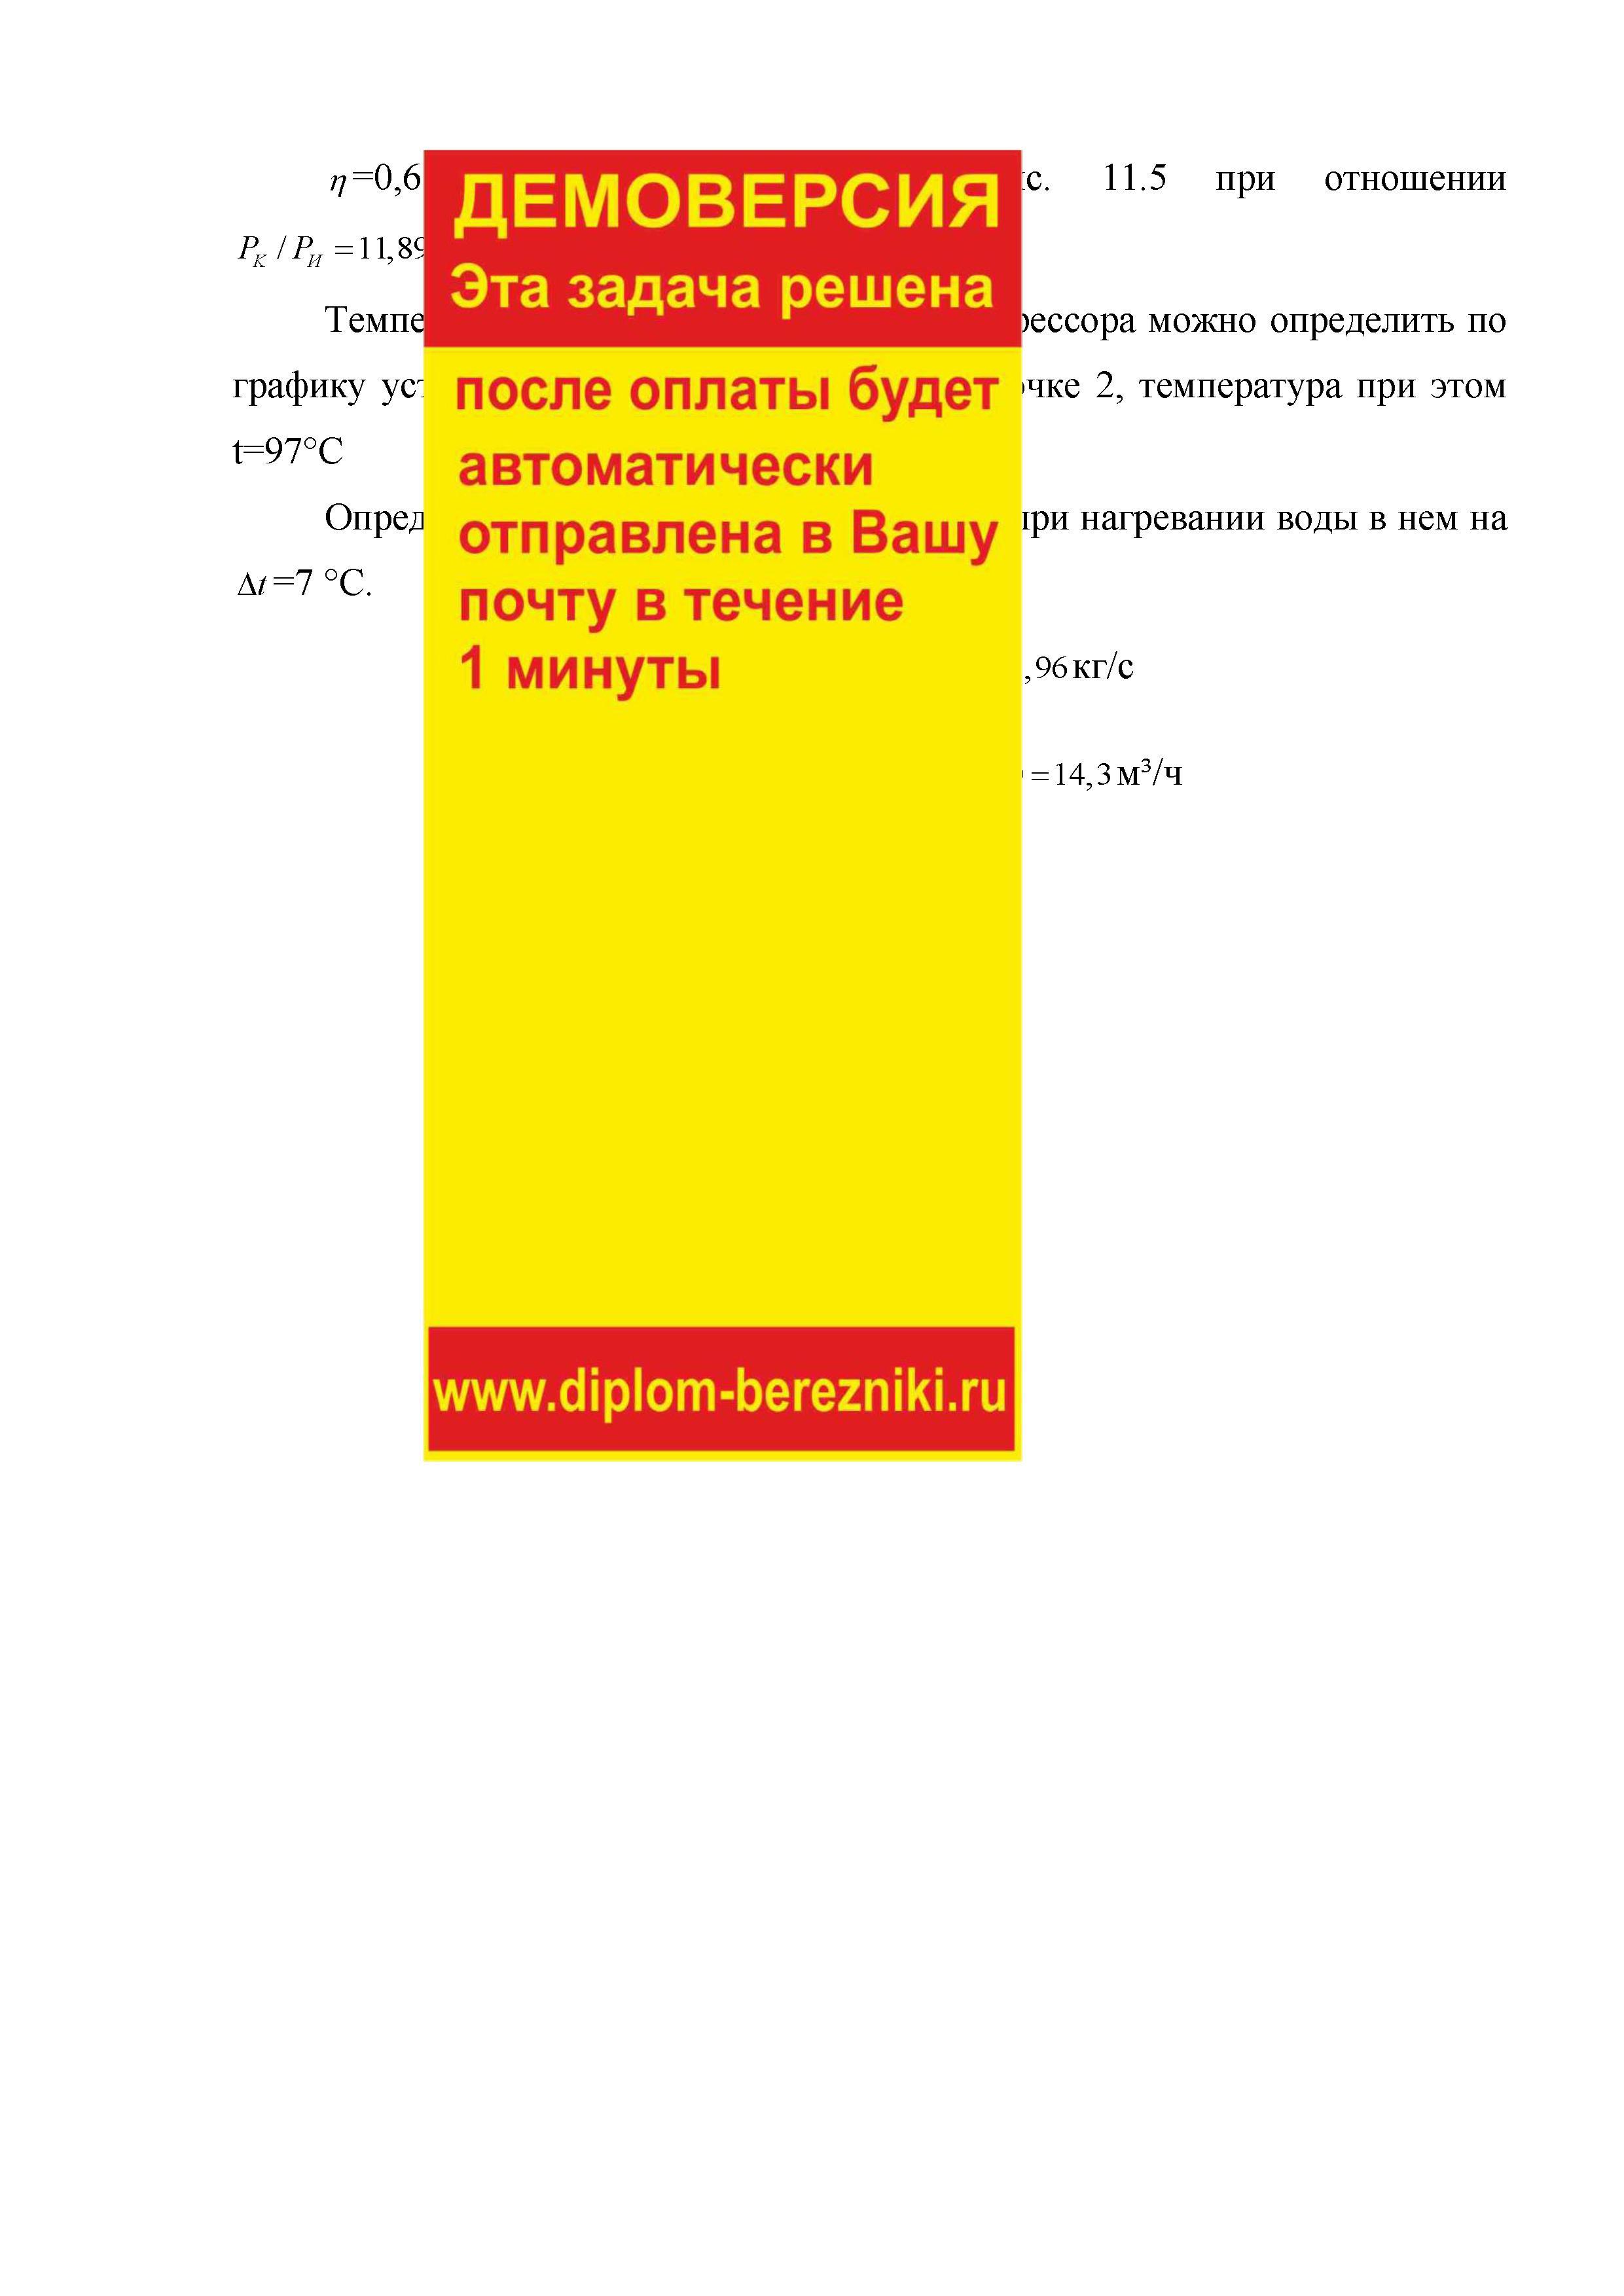 Решение задачи 11.12  по ПАХТ из задачника Павлова Романкова Носкова